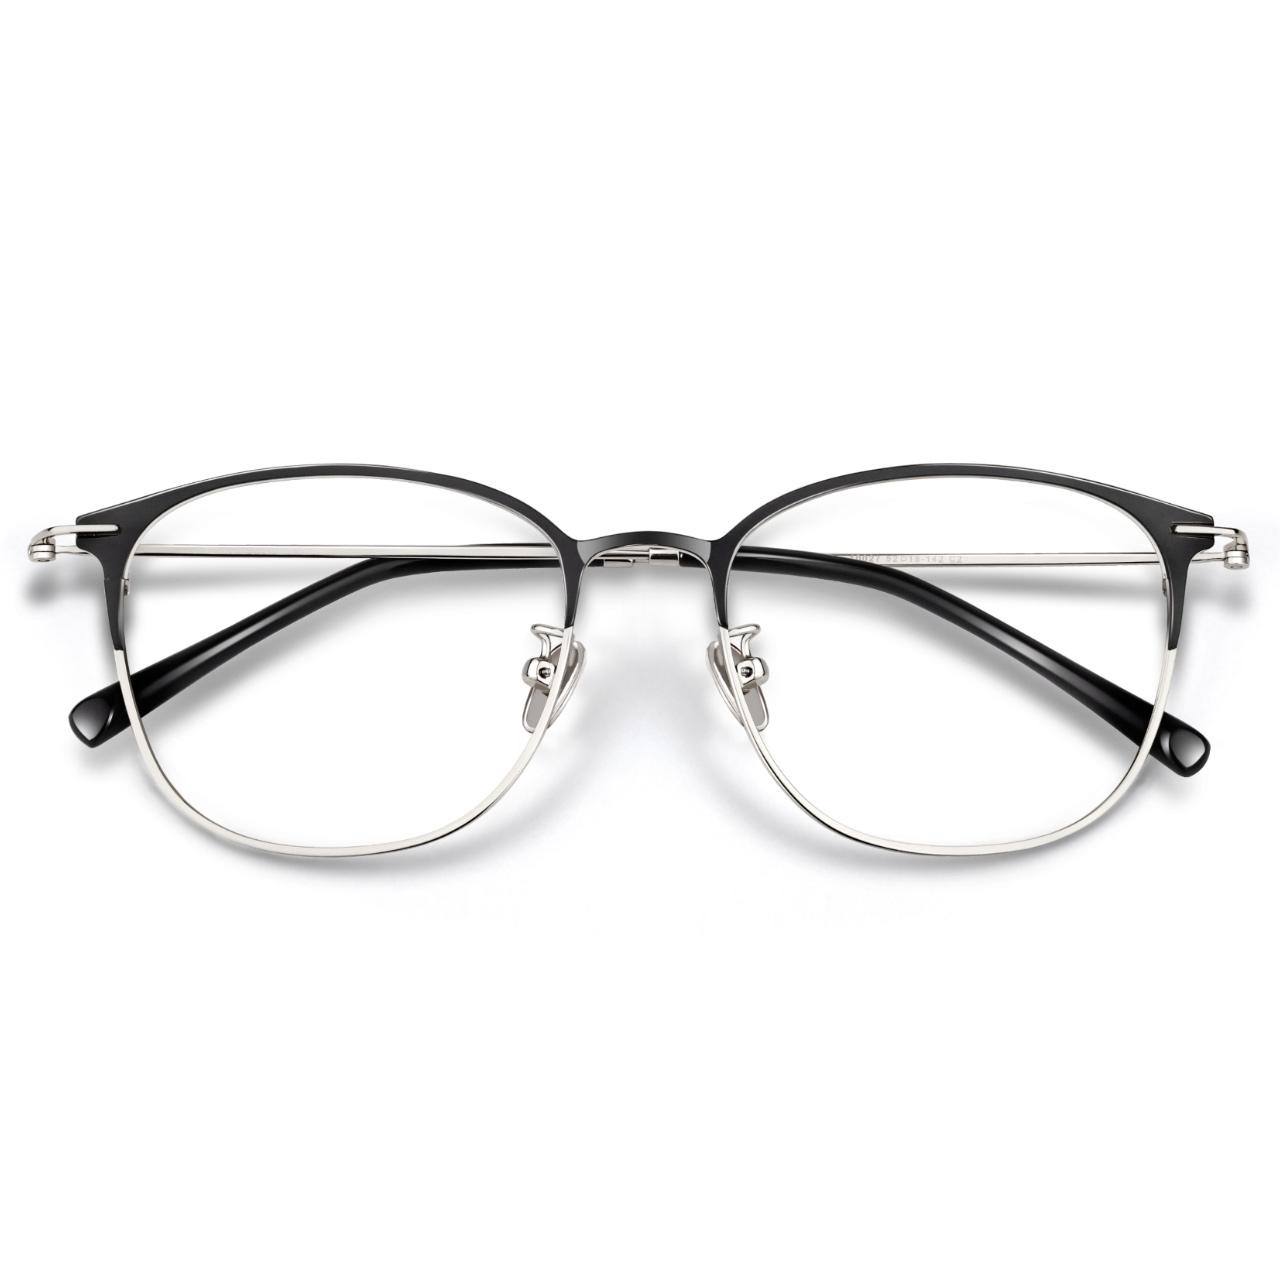 27日0點:Airy 艾雅 近視 超輕純鈦眼鏡 可配鏡片